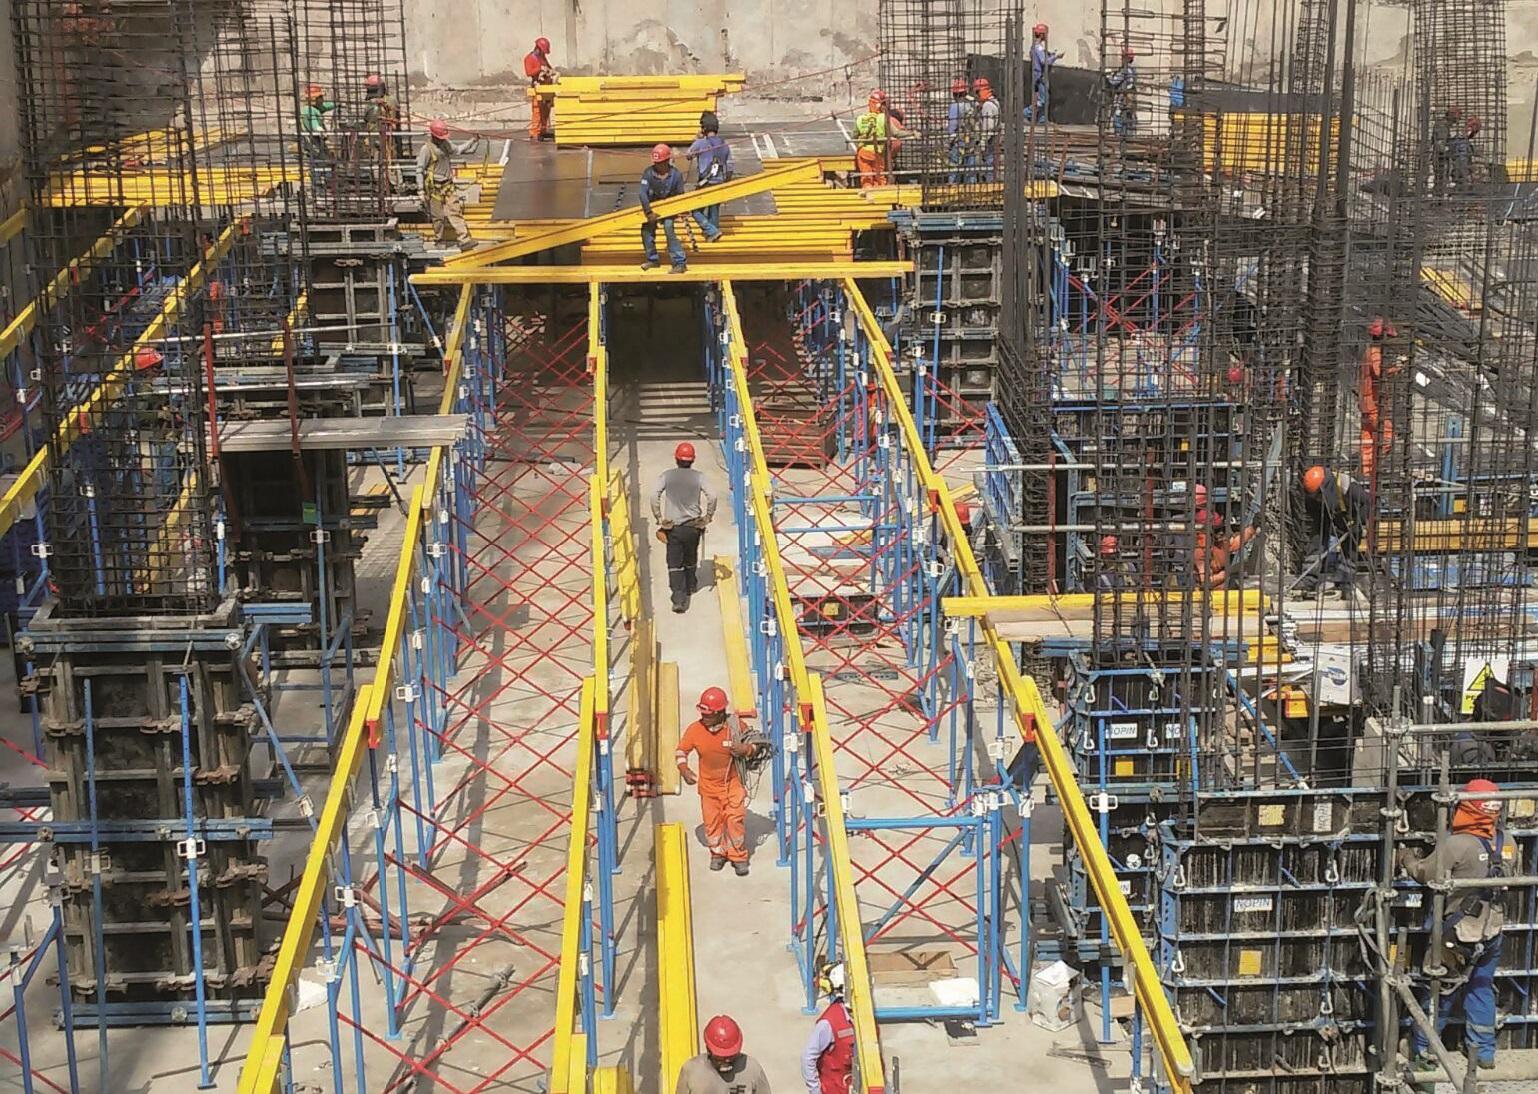 NOPIN Alavesa - Fabricación, venta y distribución de Sistemas de Andamio - SISTEMA ENCOFRADO RÁPIDO NOPIN